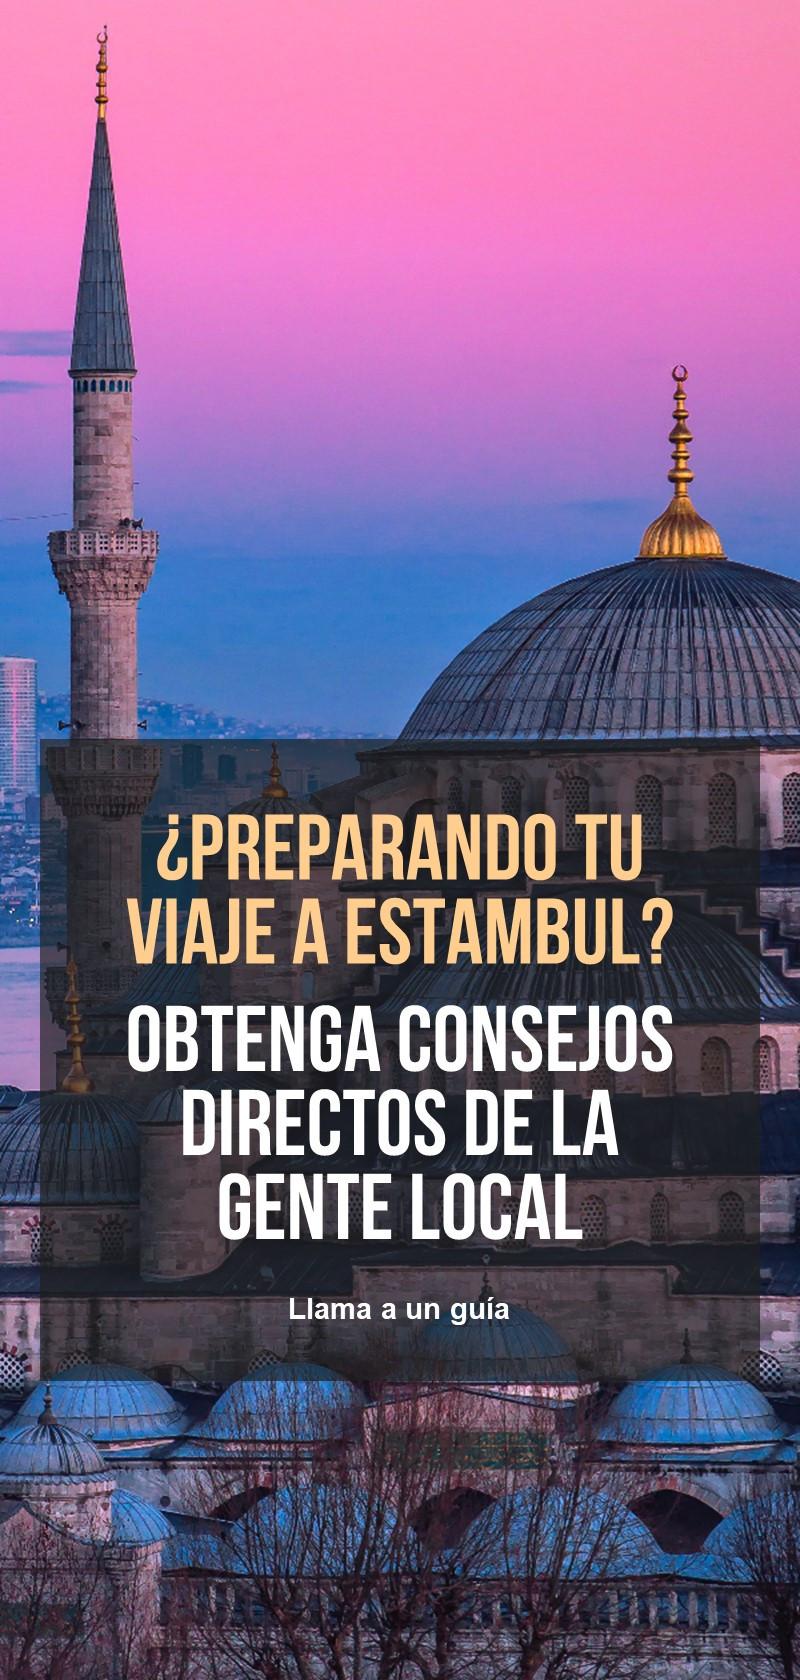 Guías locales en Estambul